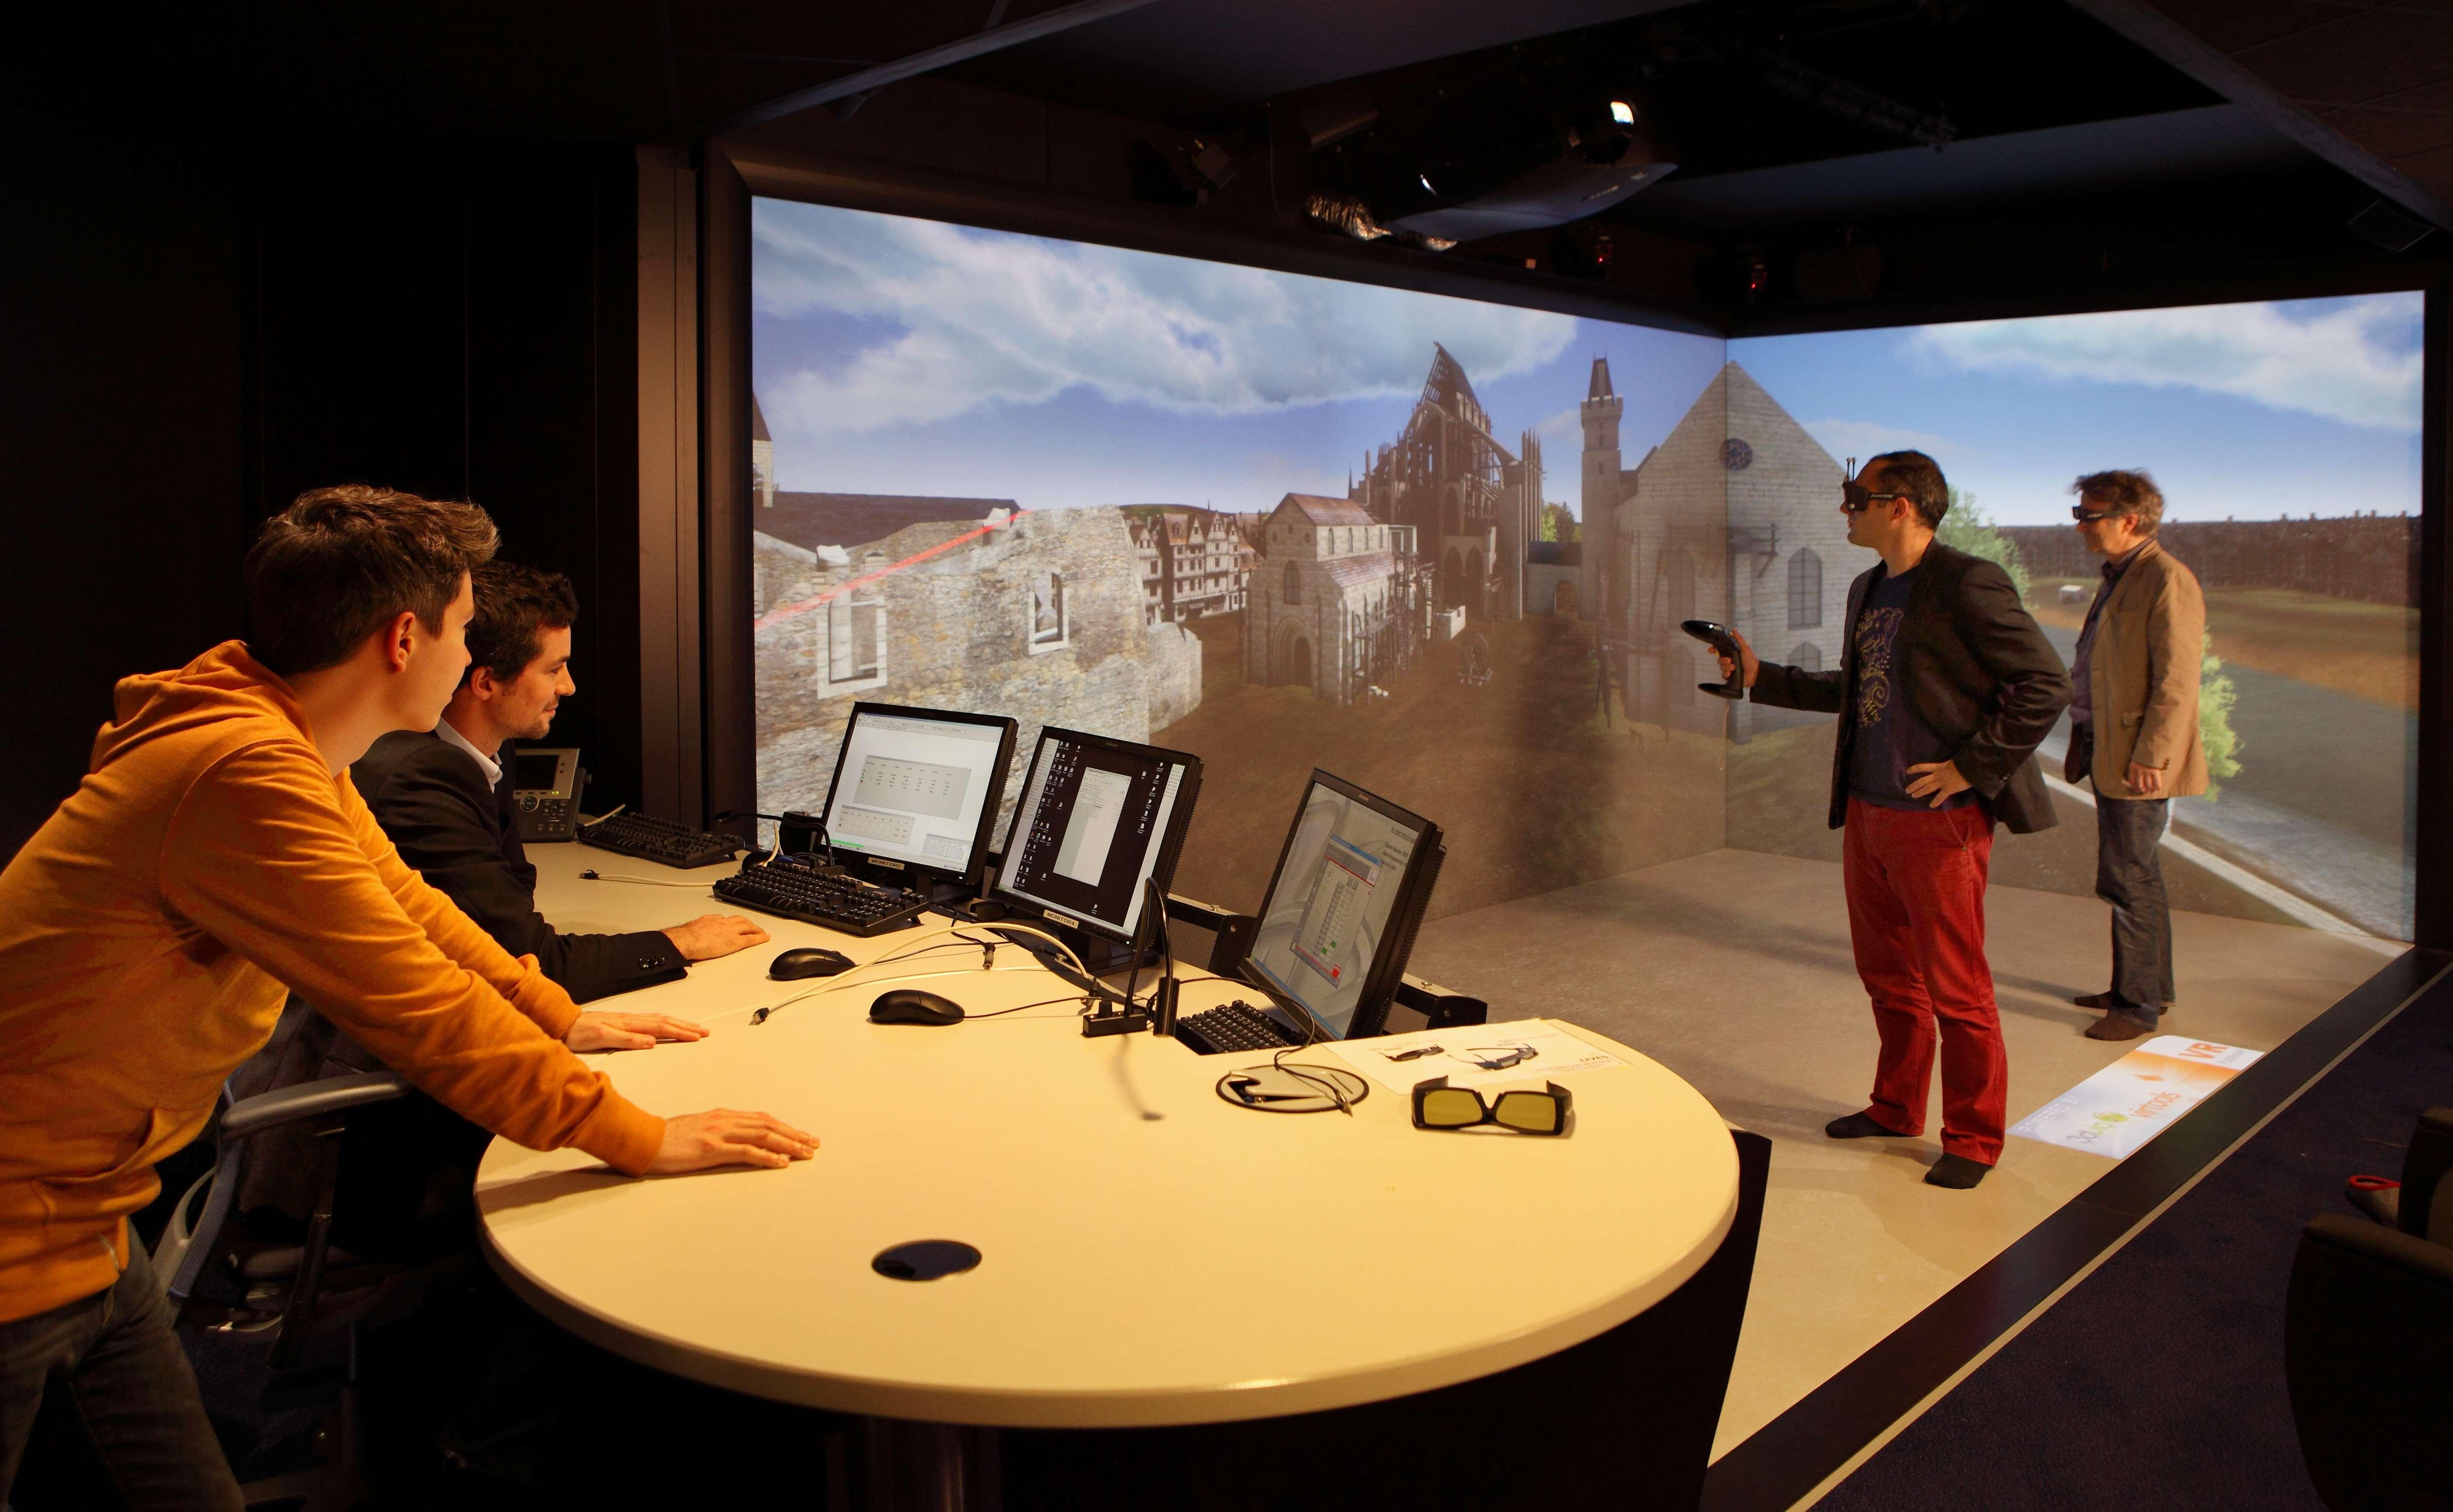 La realtà virtuale potrebbe aiutare le persone paranoiche a superare le loro paure